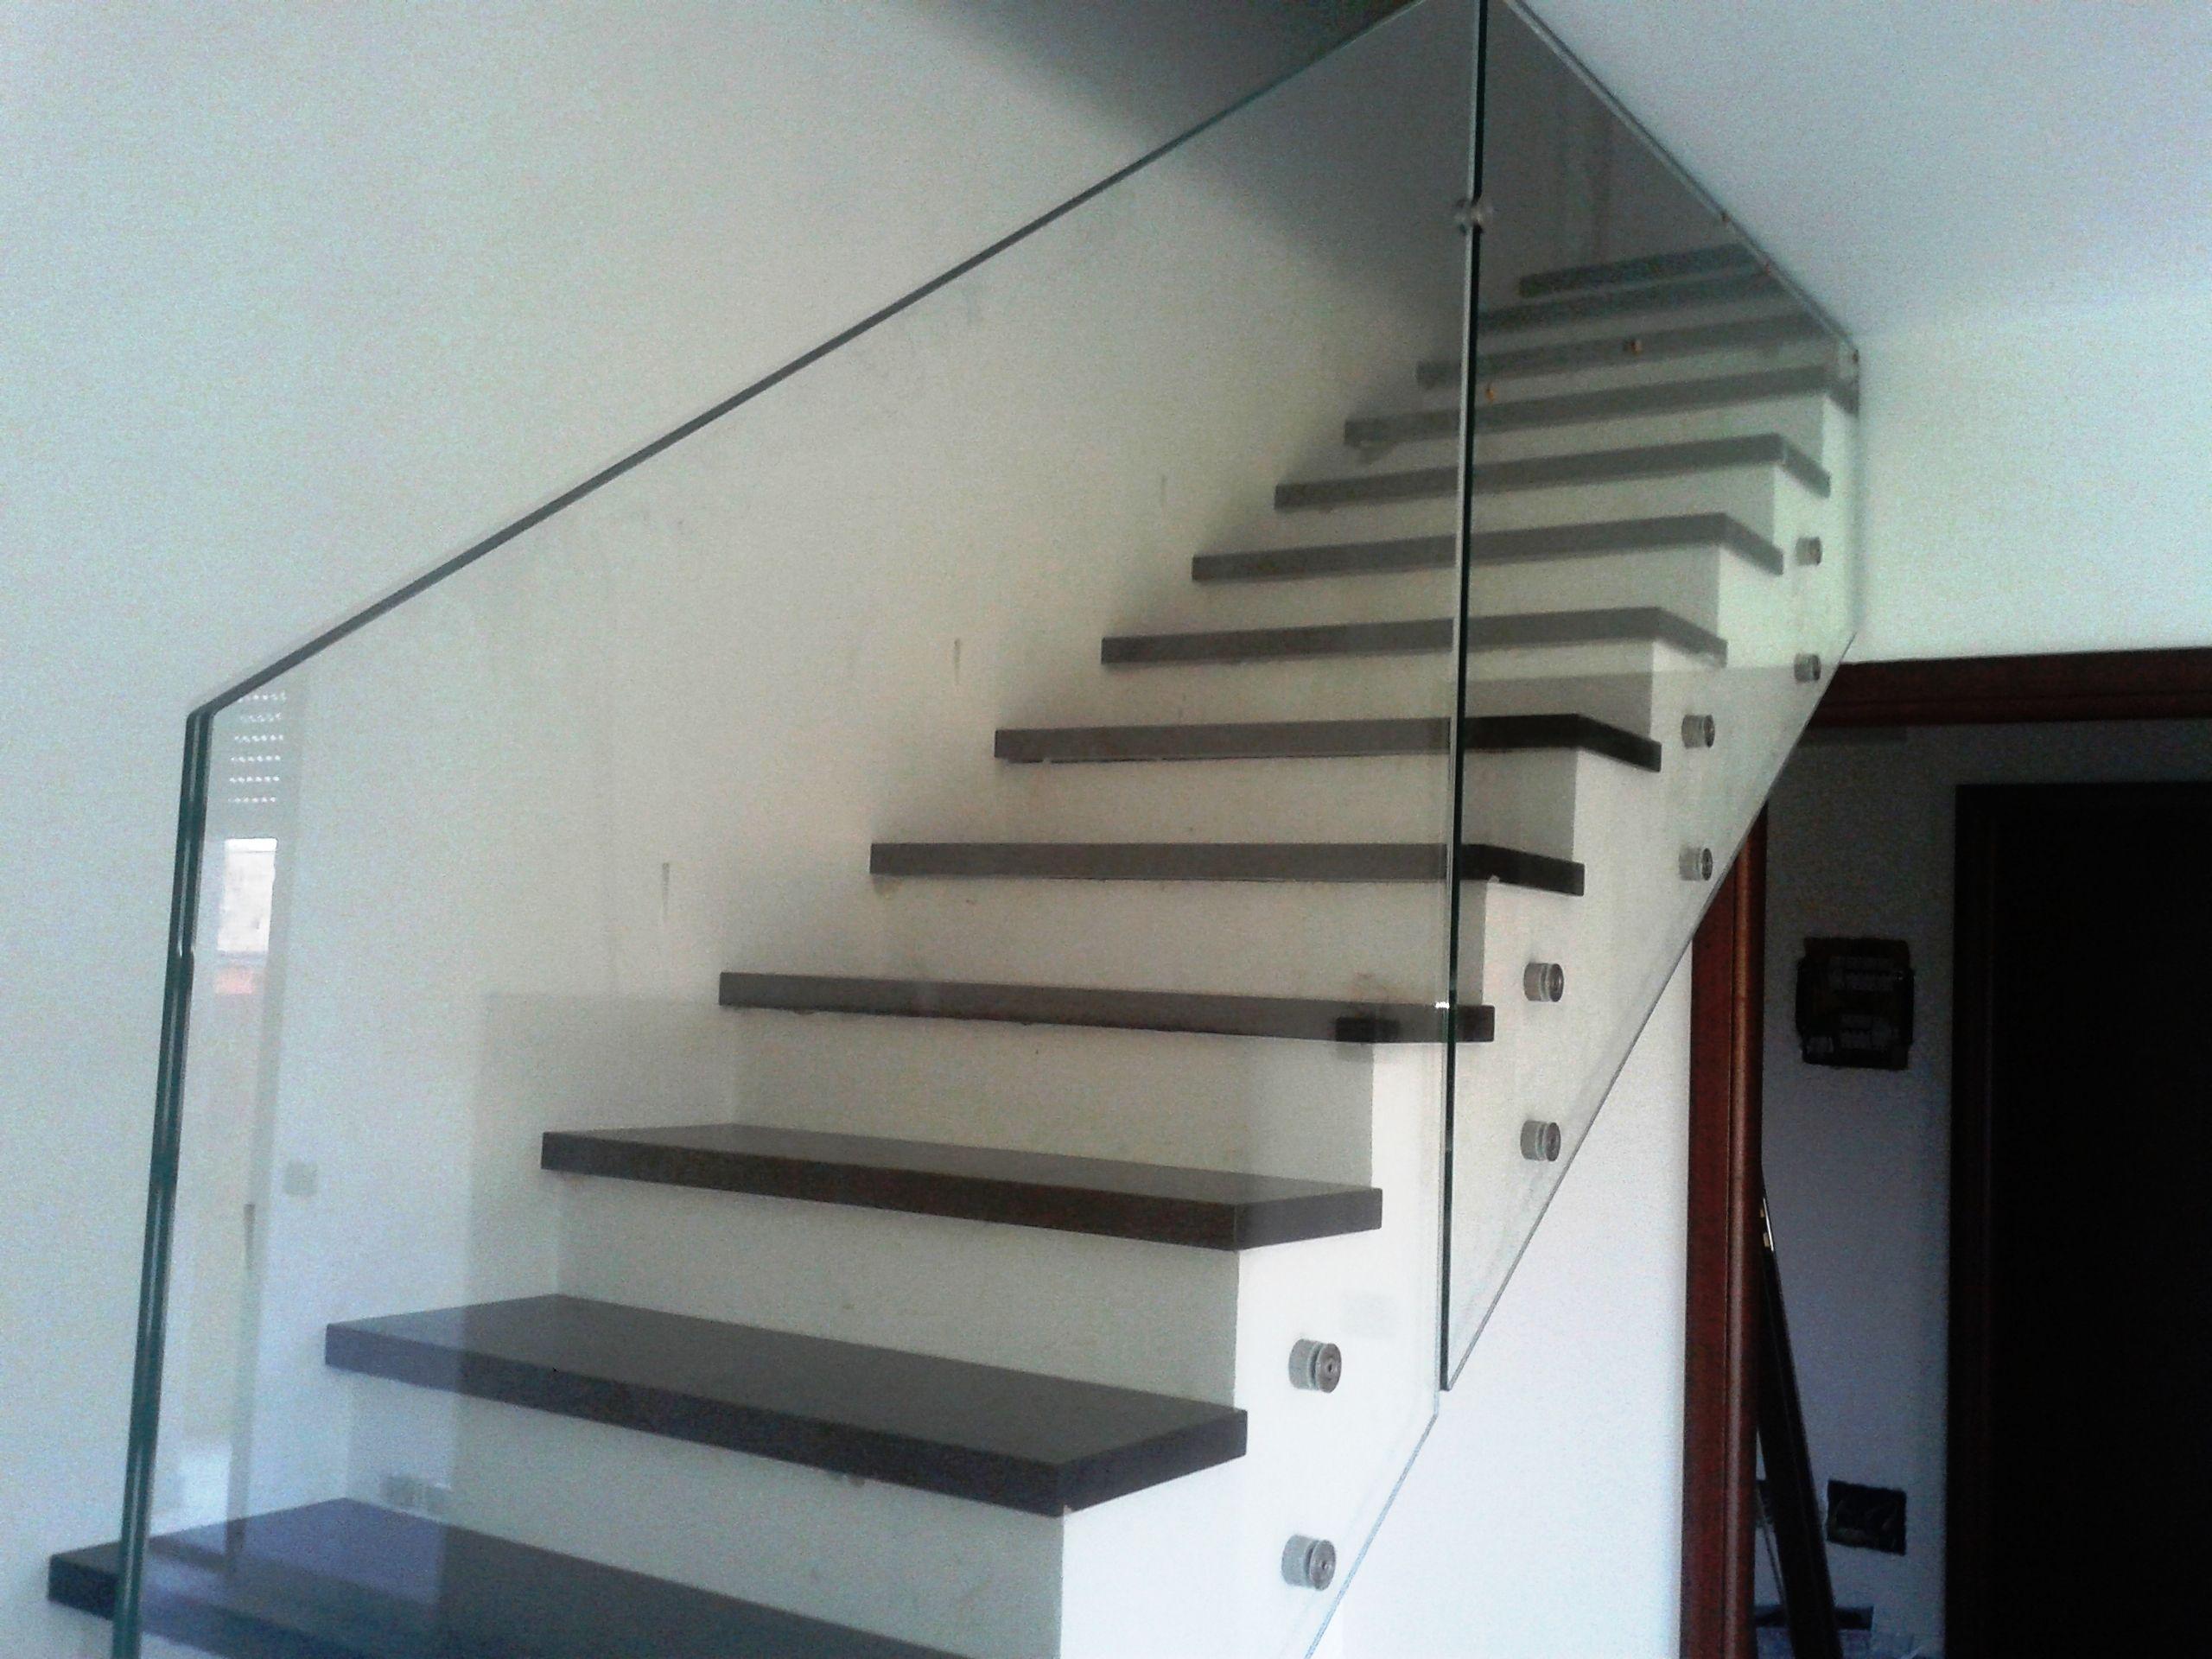 Risultati immagini per parapetto vetro scala parapetto - Scale per interni in muratura ...